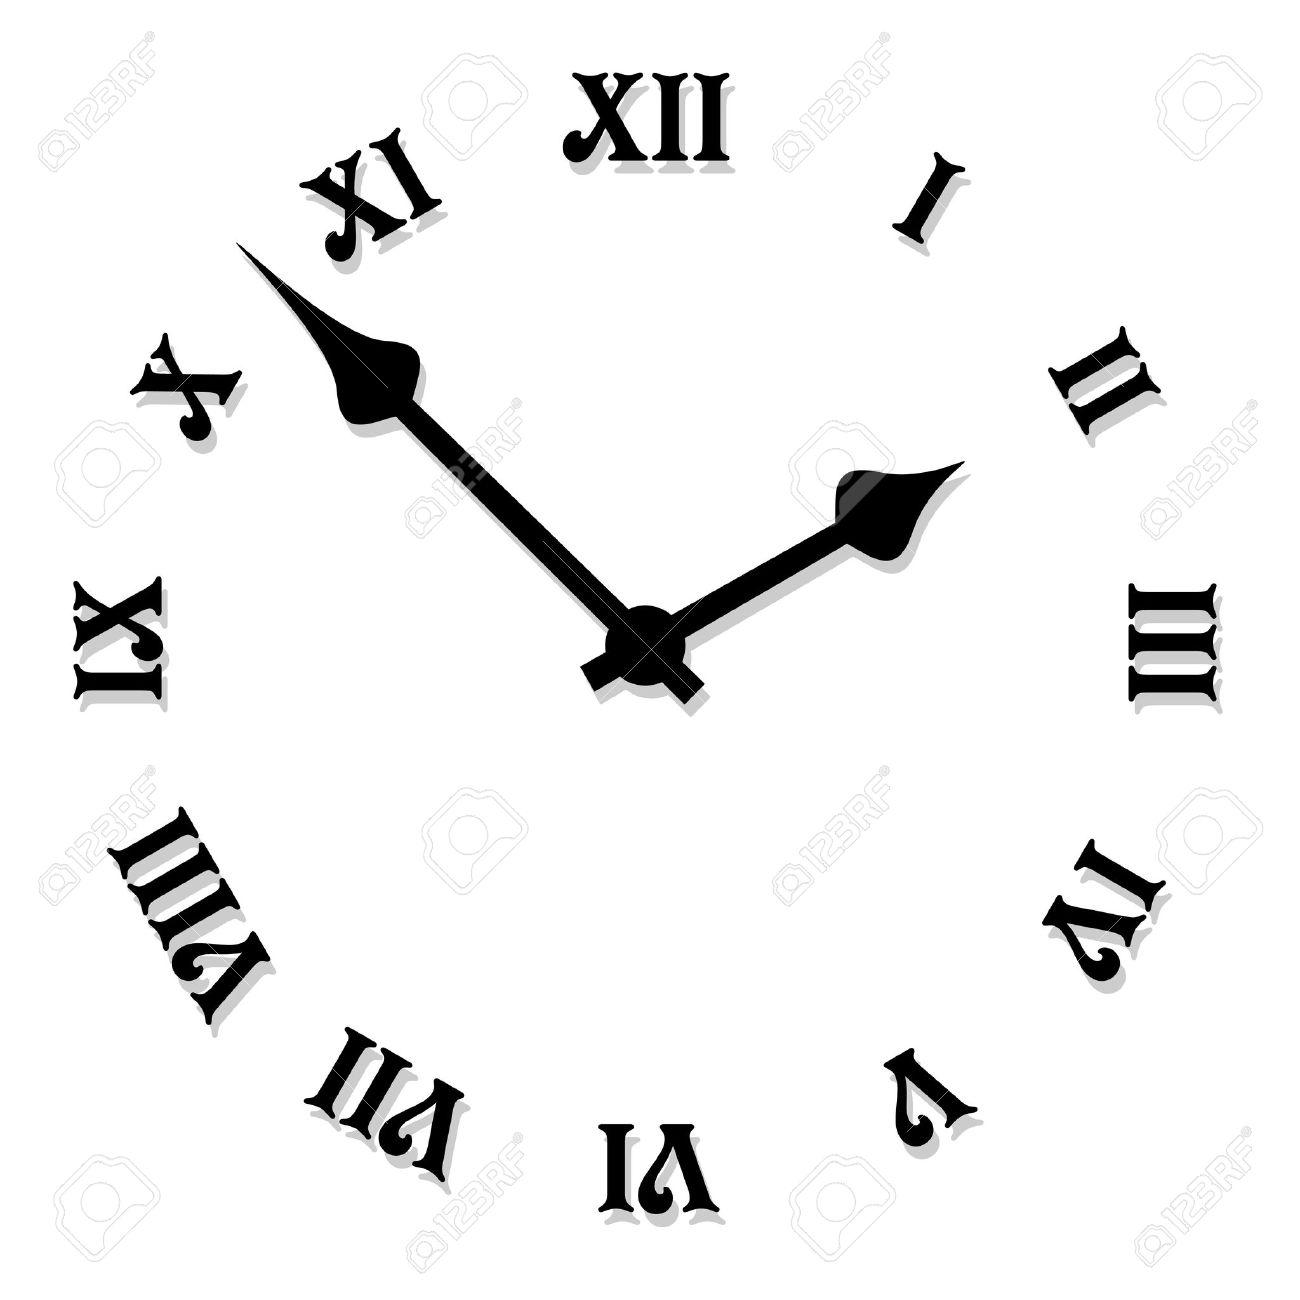 ベクトル時計の文字盤